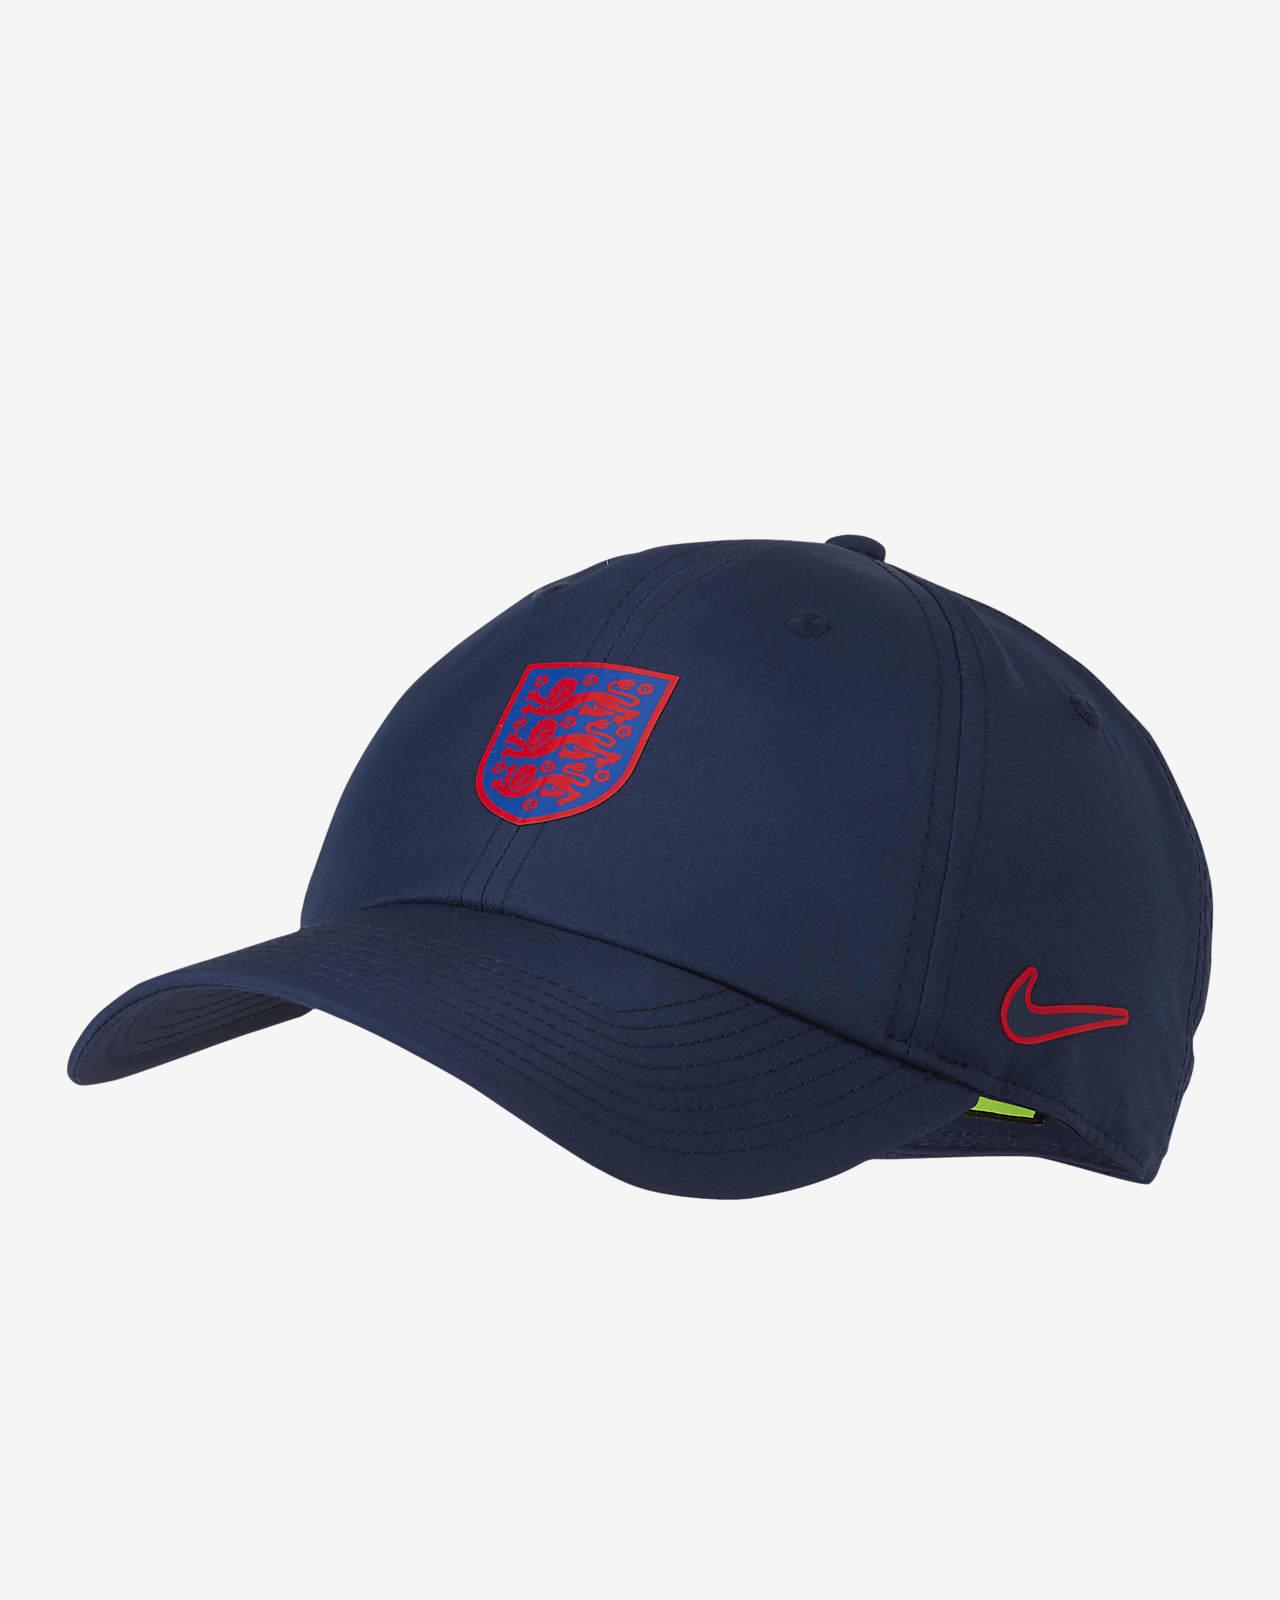 英格兰队 Heritage86 运动帽